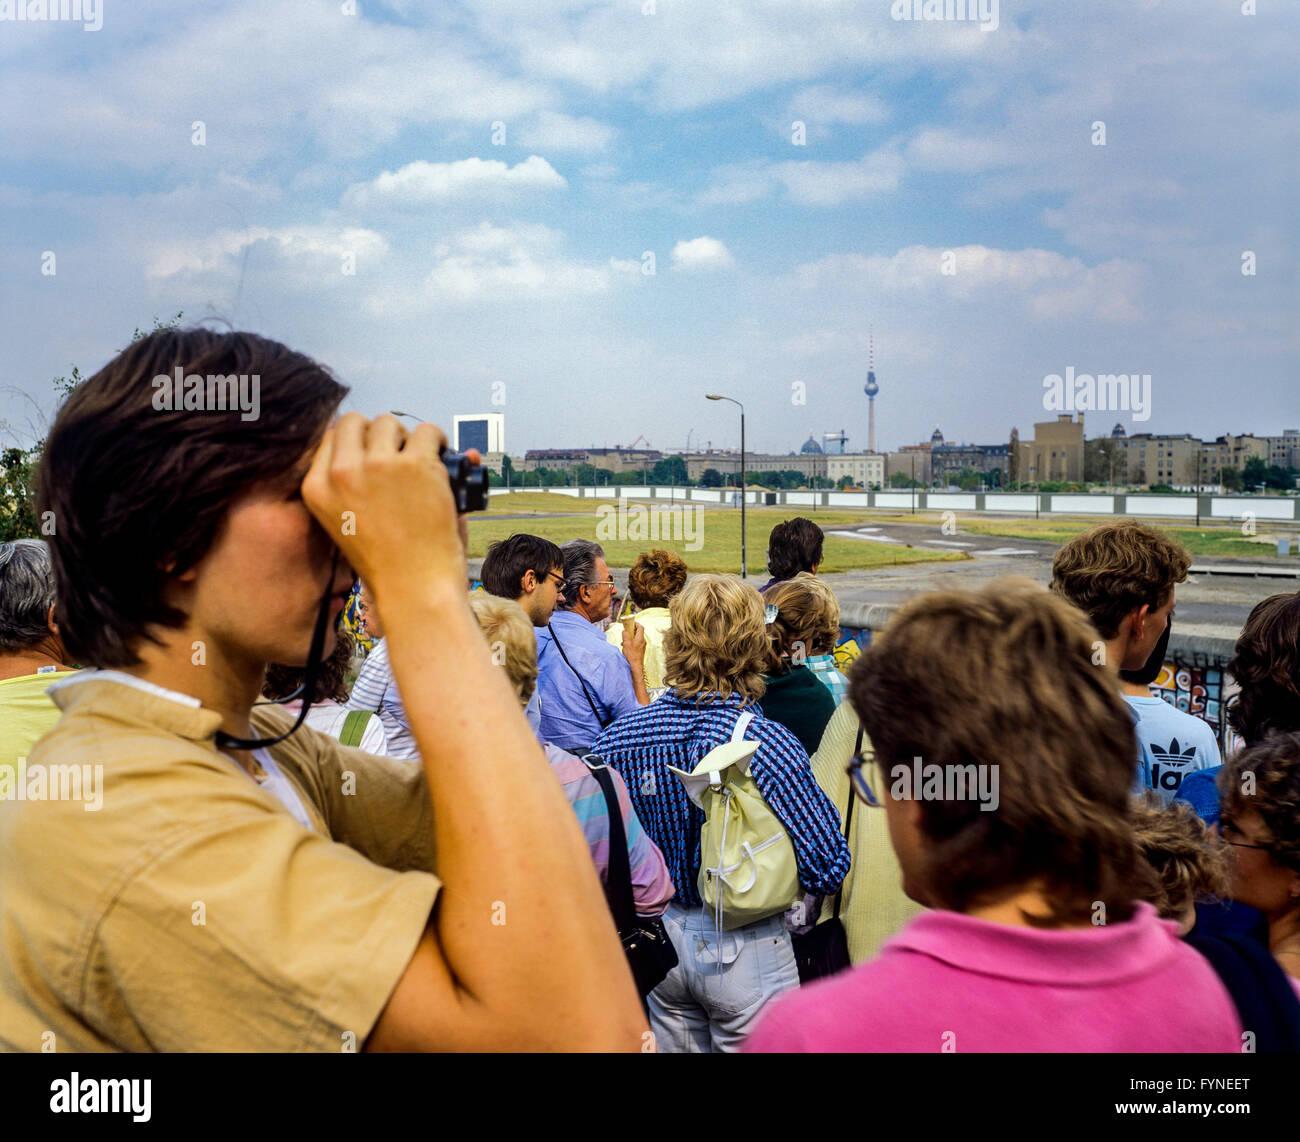 Agosto de 1986, la plataforma de observación de la plaza Potsdamer Platz, la gente mirando por encima del muro Imagen De Stock